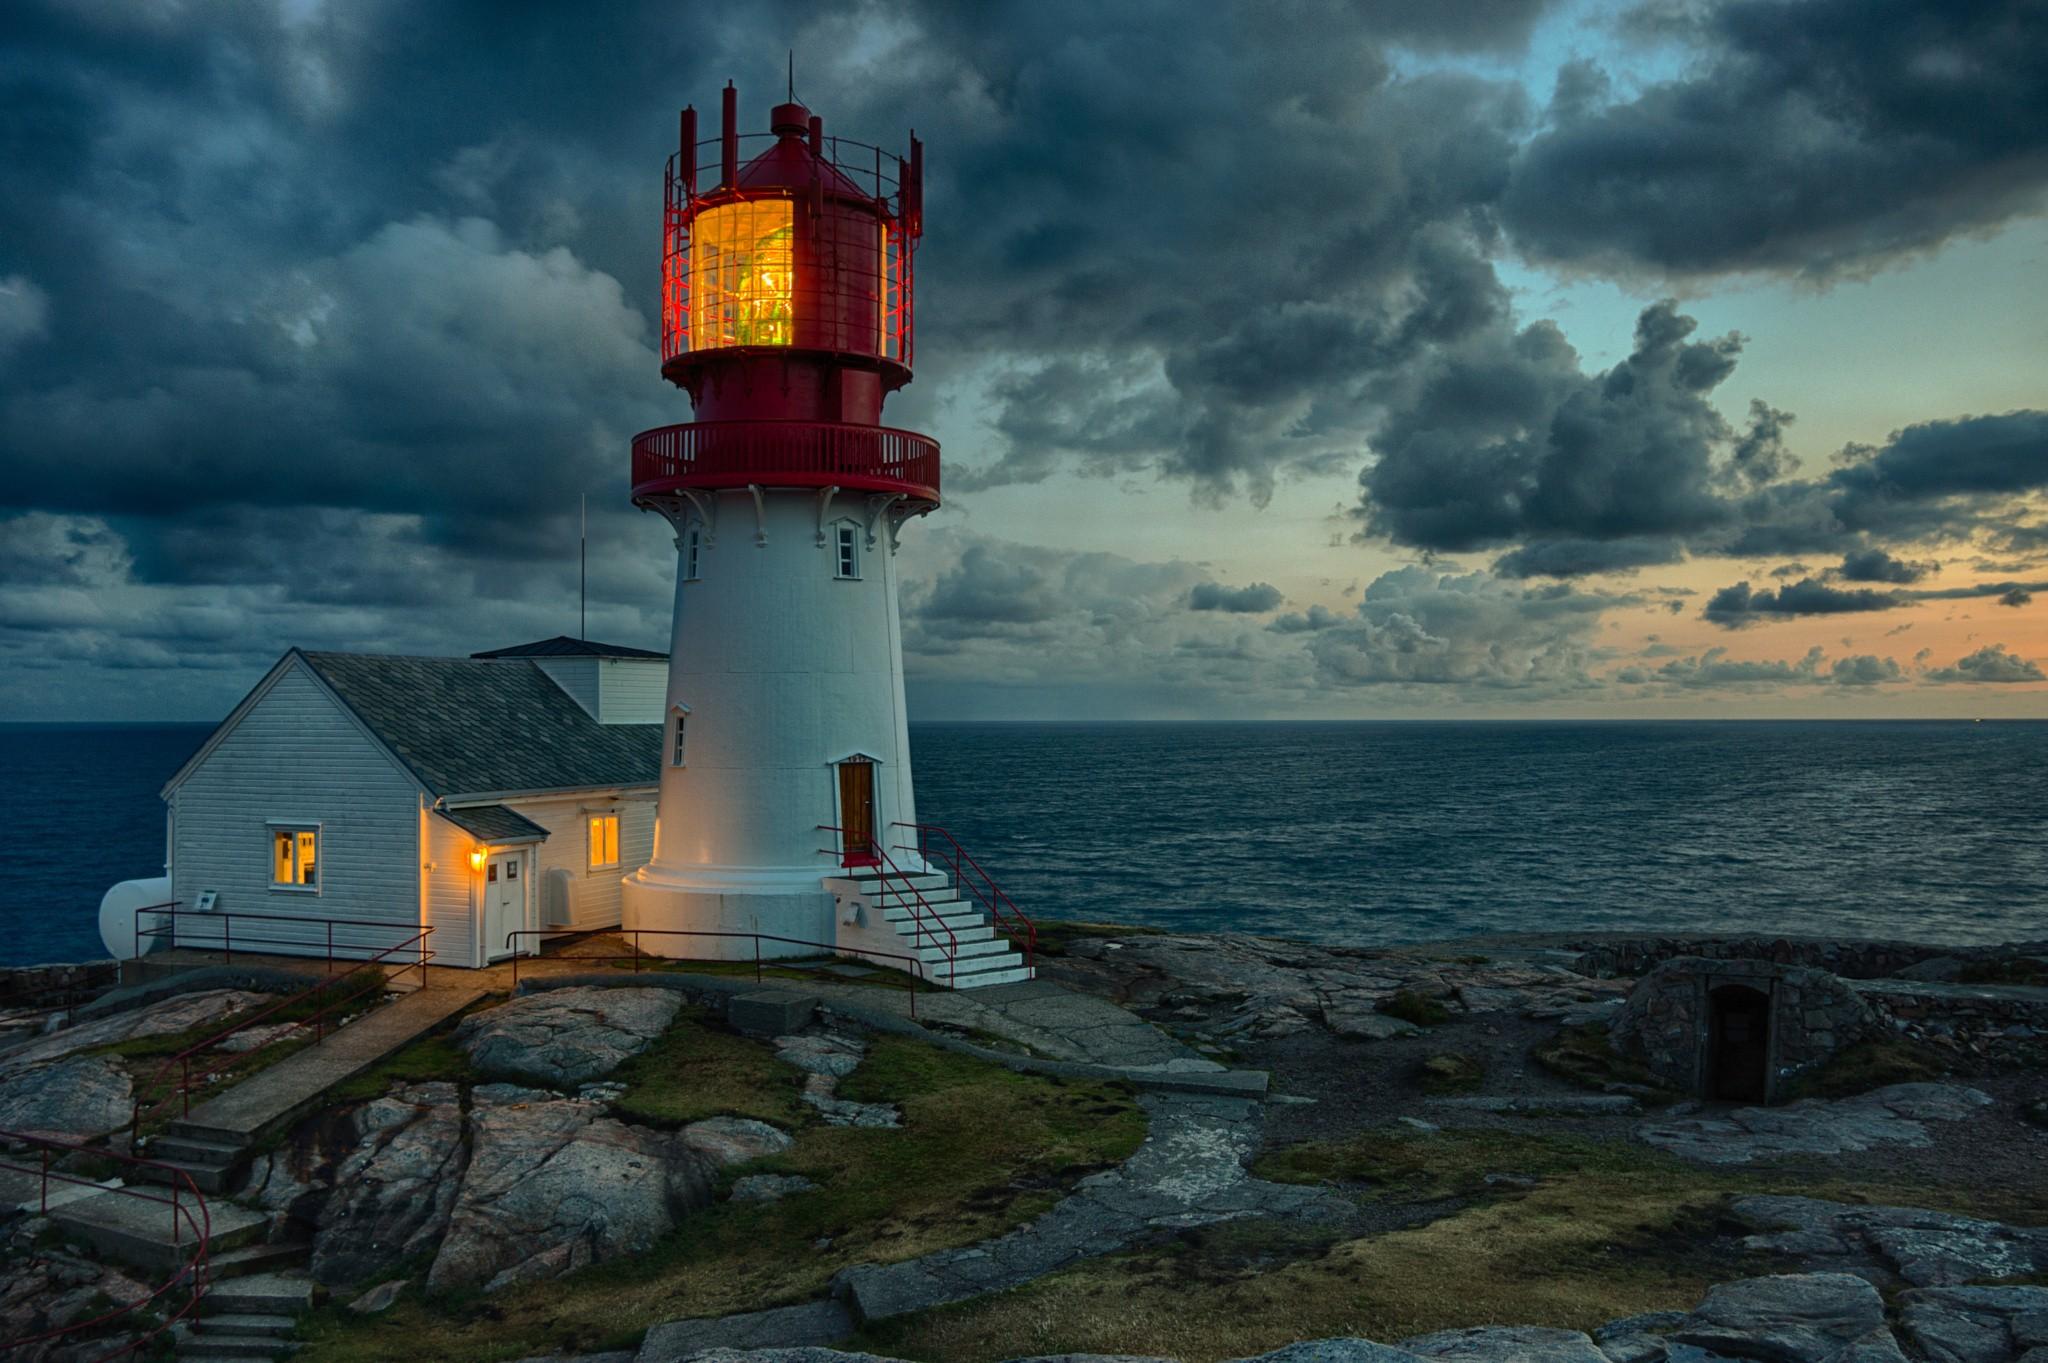 маяки и море фото вертикальные линии, округлые